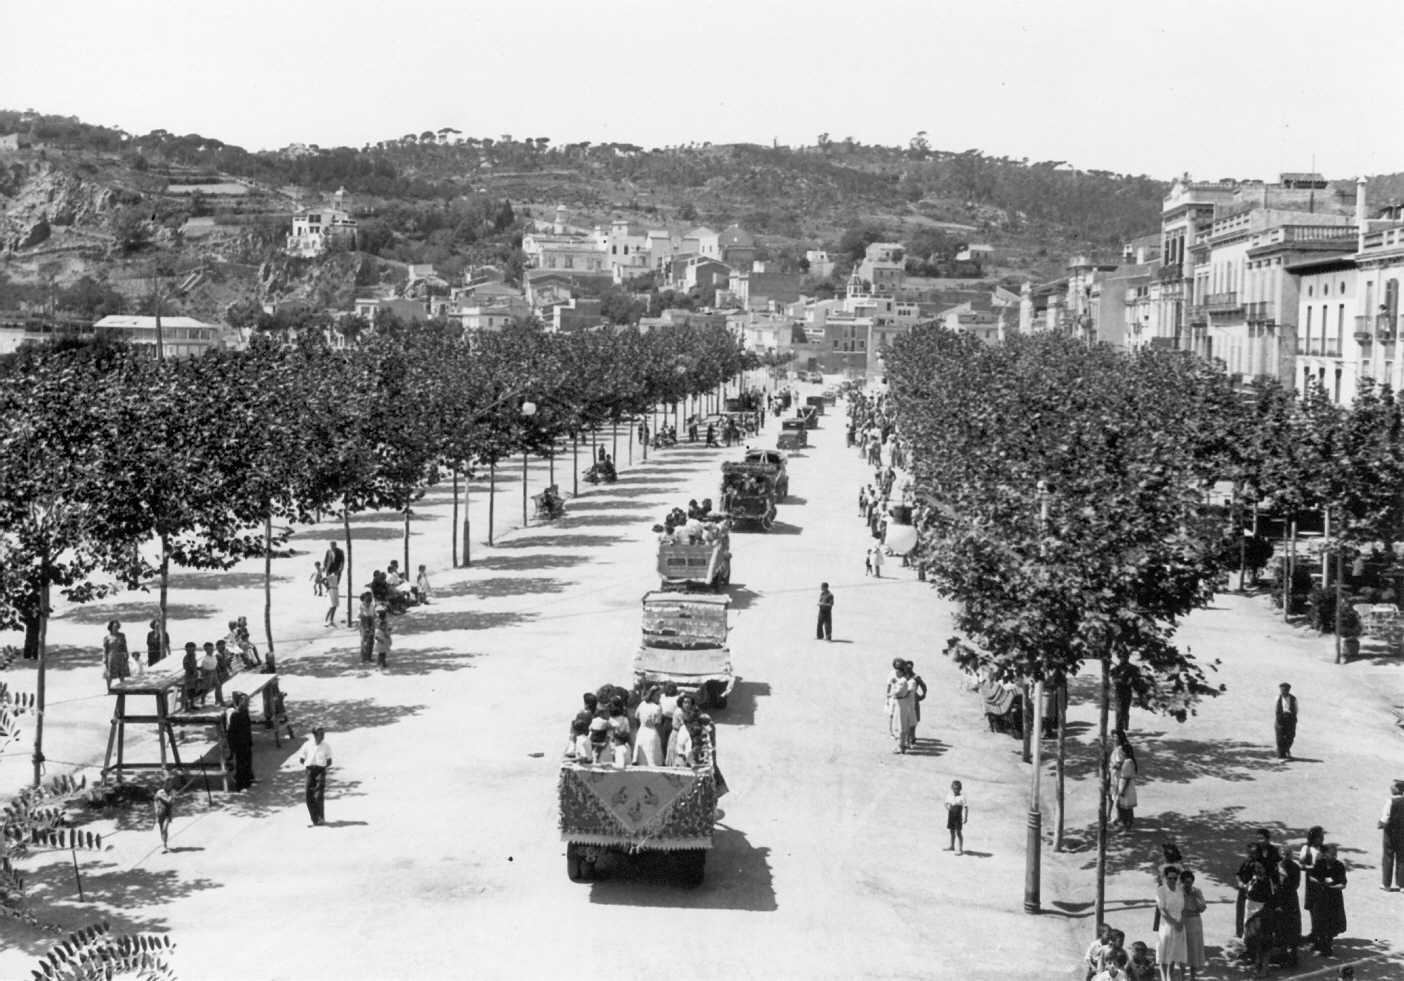 Desfilada al passeig del Mar per Sant Cristòfol als anys 40 AMSFG. Fons Pere Rigau (autor Pere Rigau)